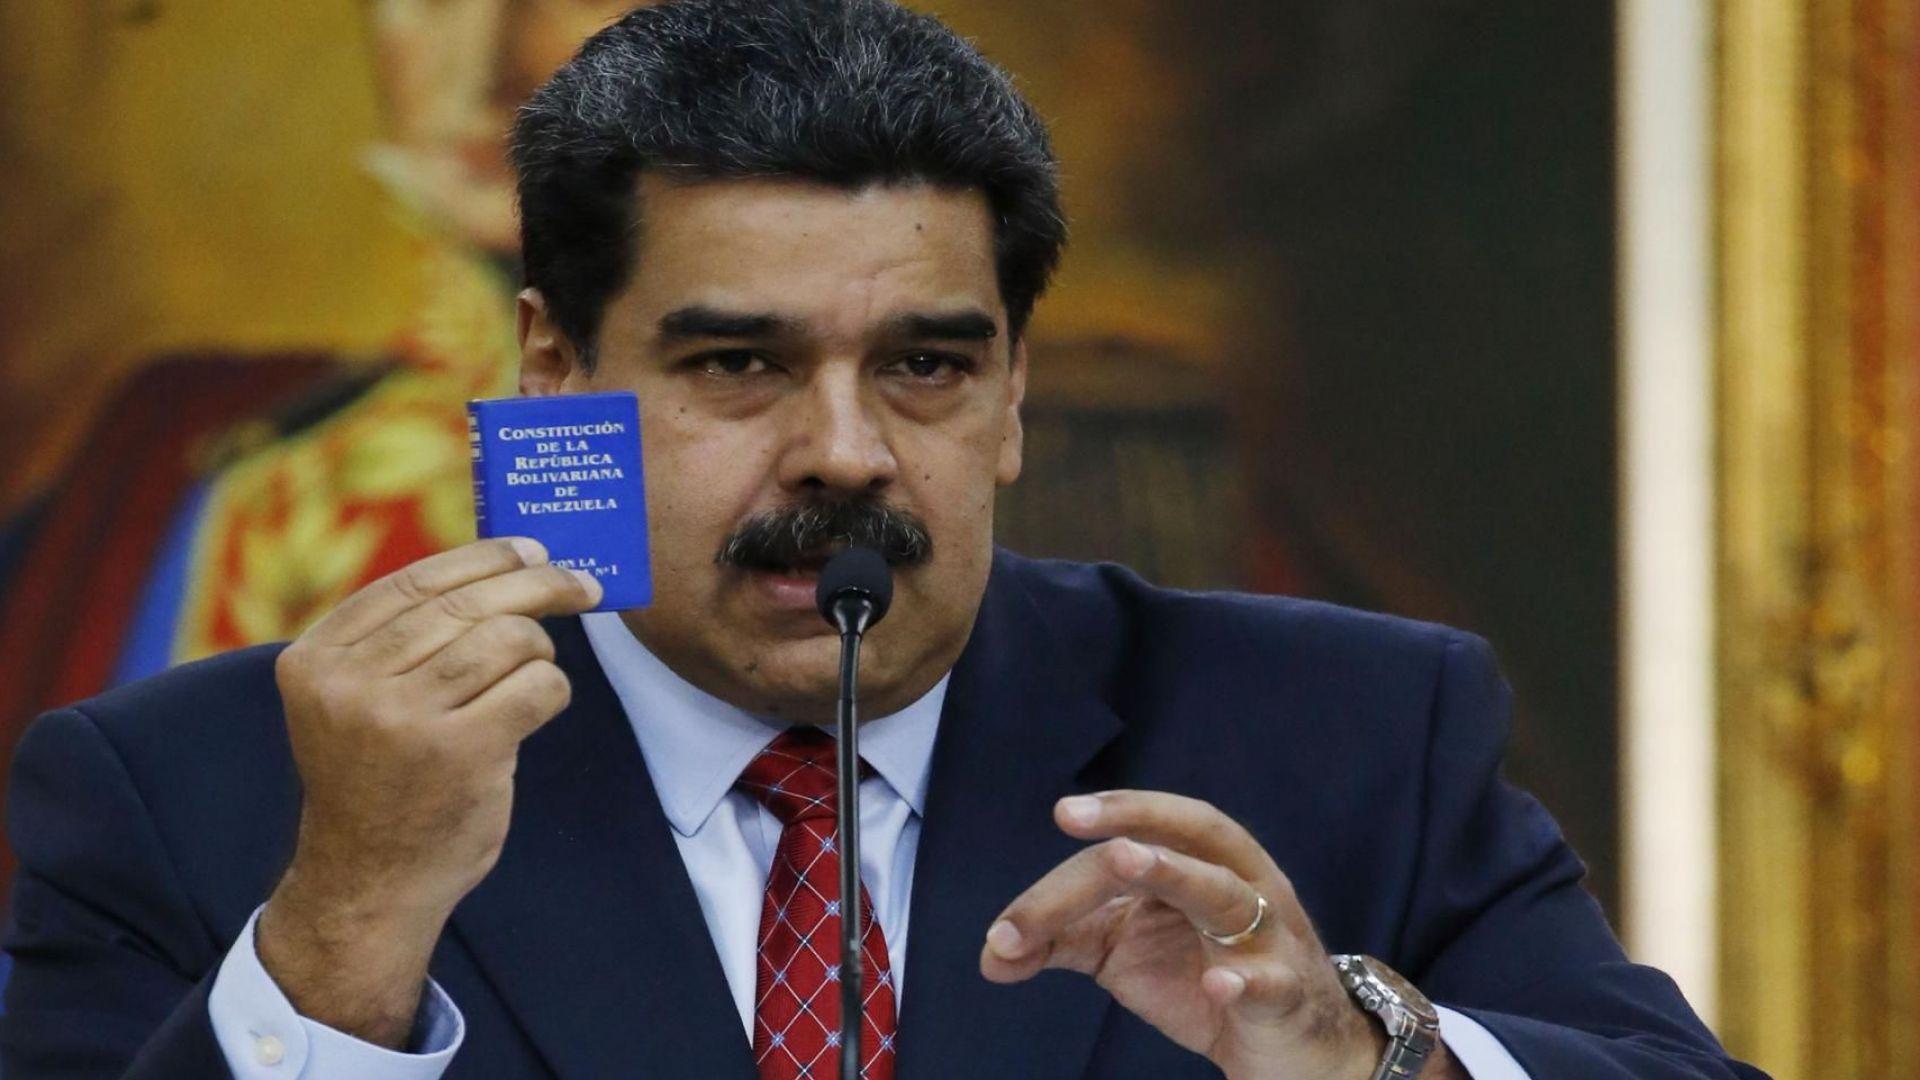 САЩ въведоха санкции срещу петролната компания на Венецуела